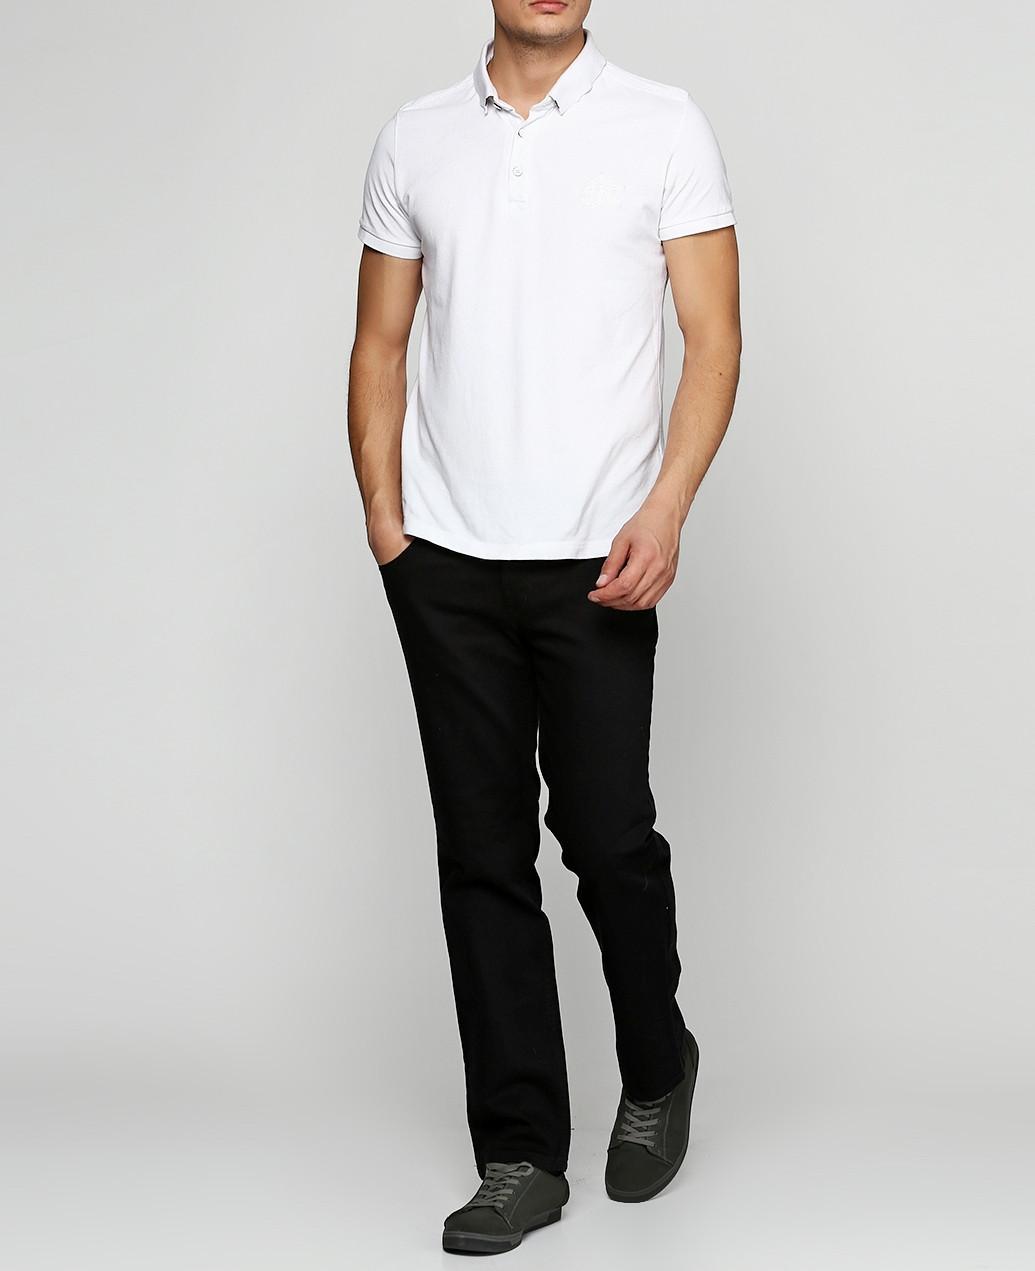 Мужские джинсы Pioneer 36/34 Черный (P-5-038)